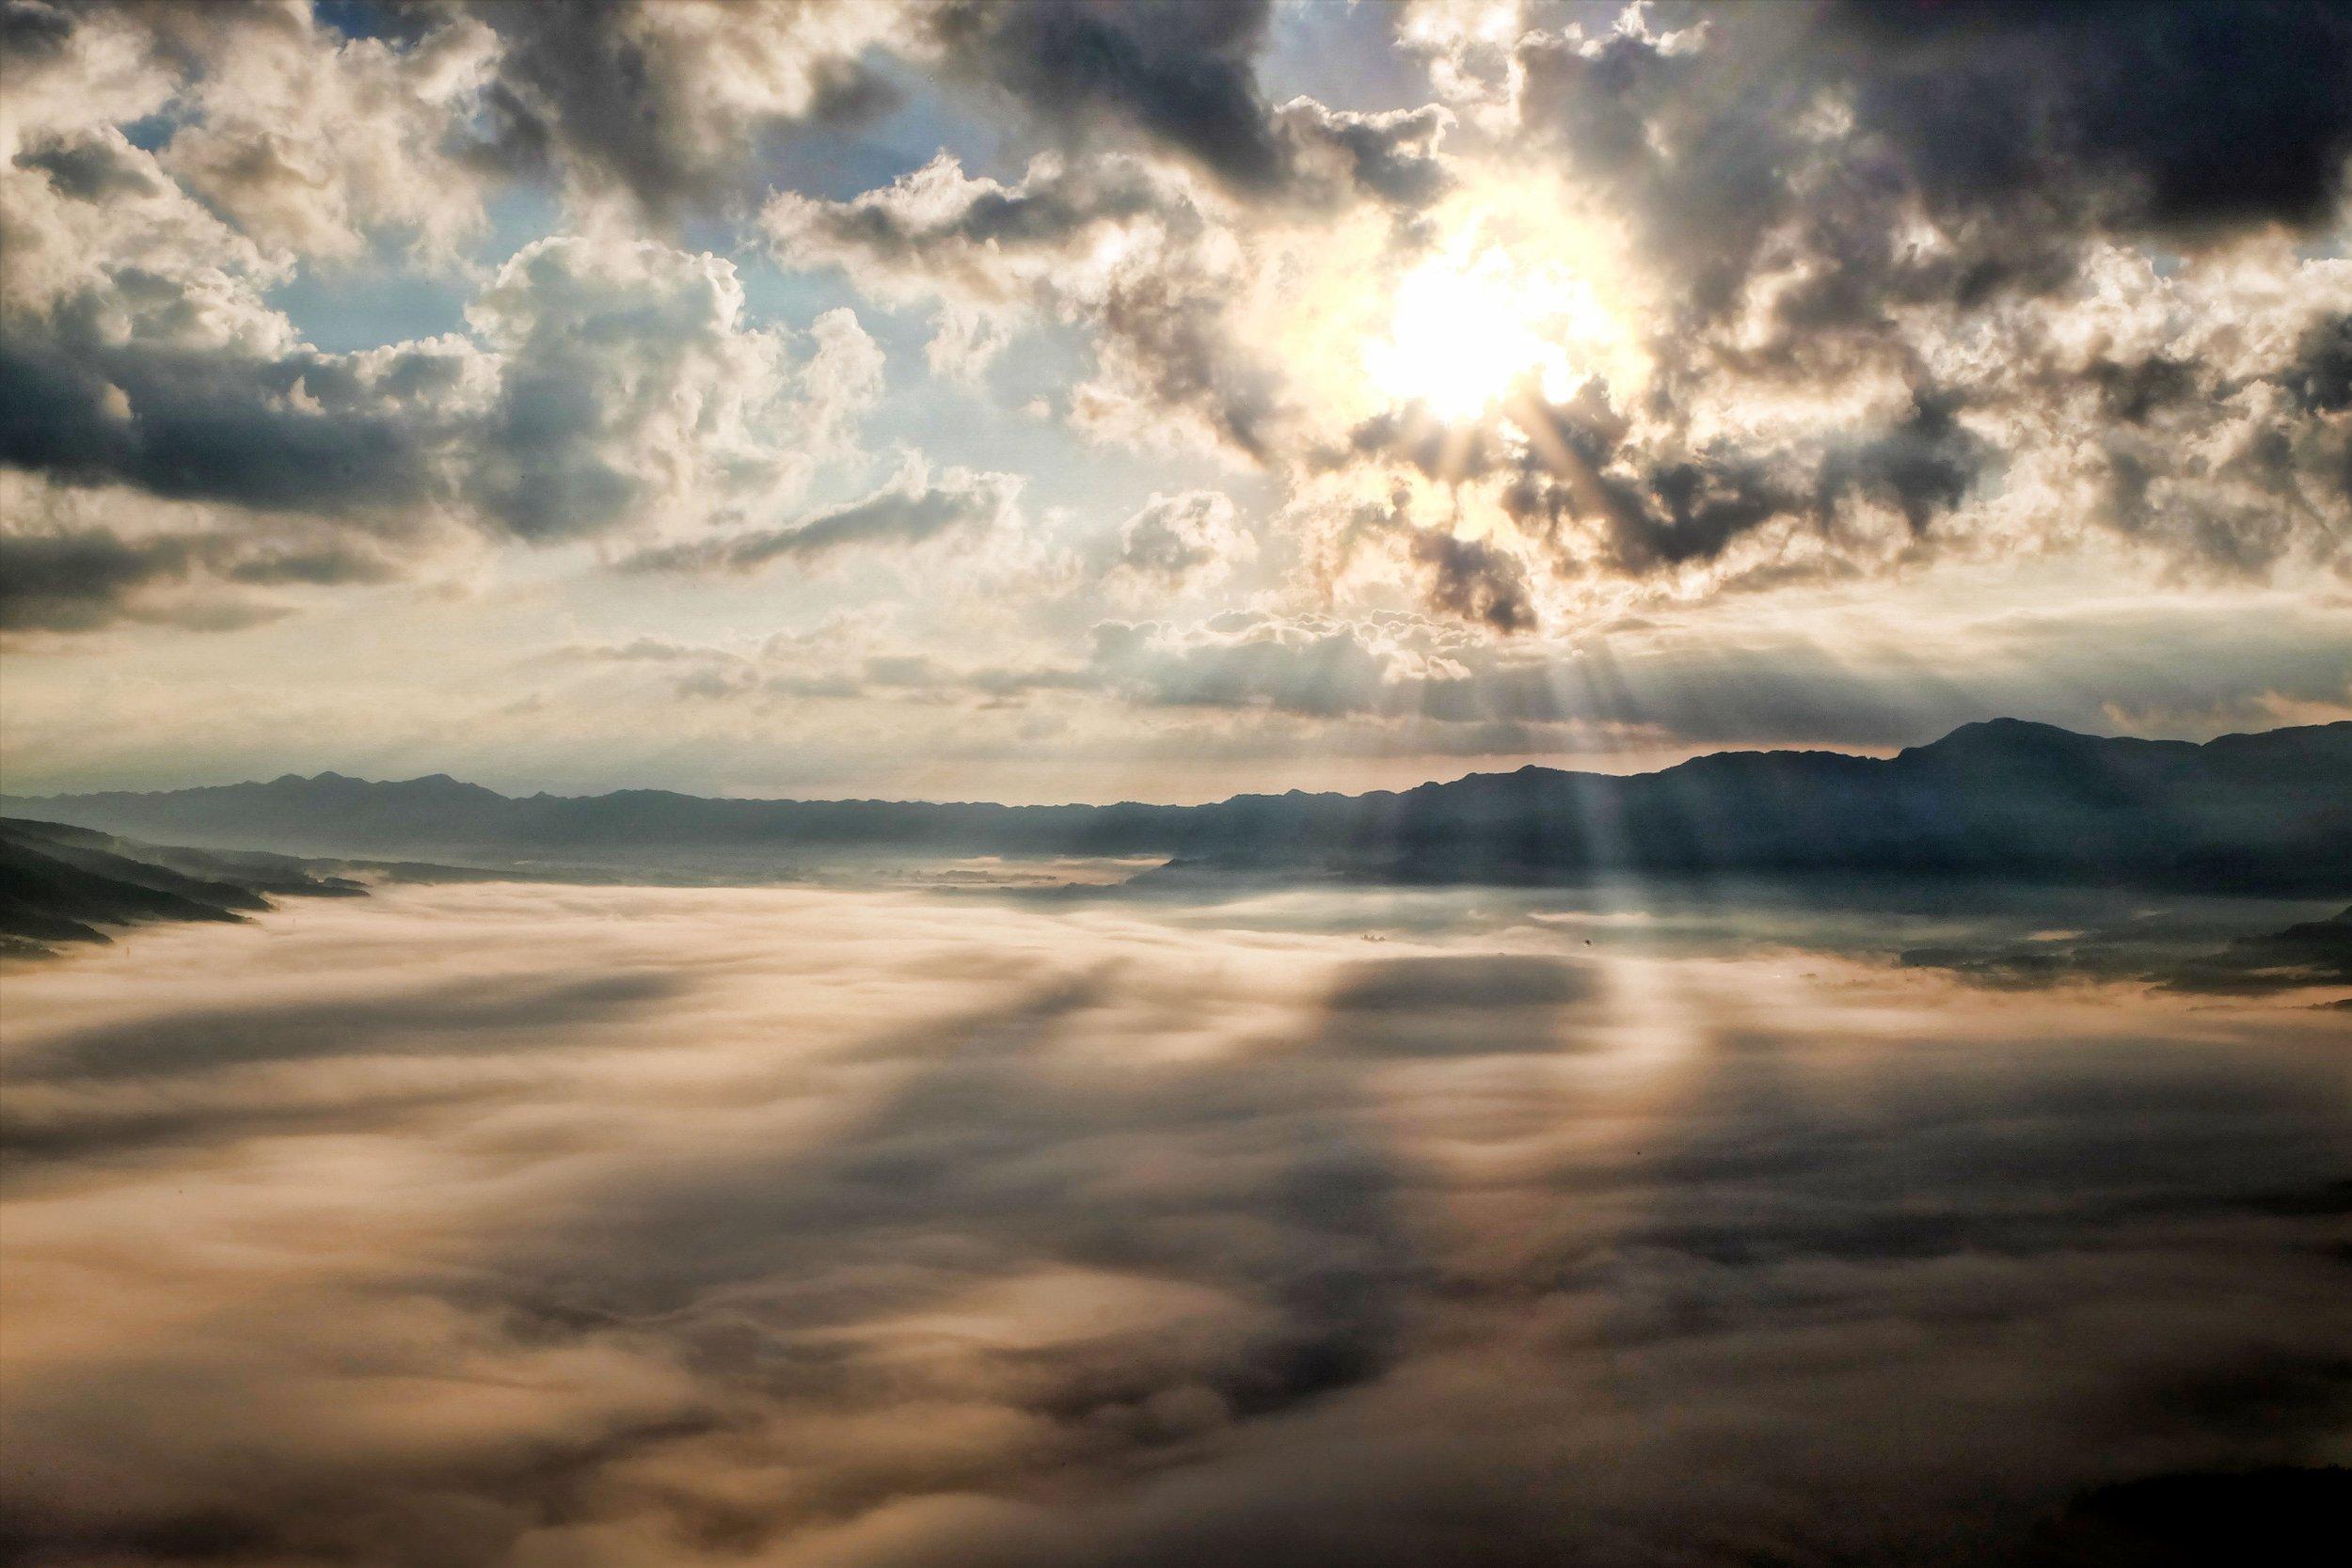 clouds-light-mountains-45848.jpg